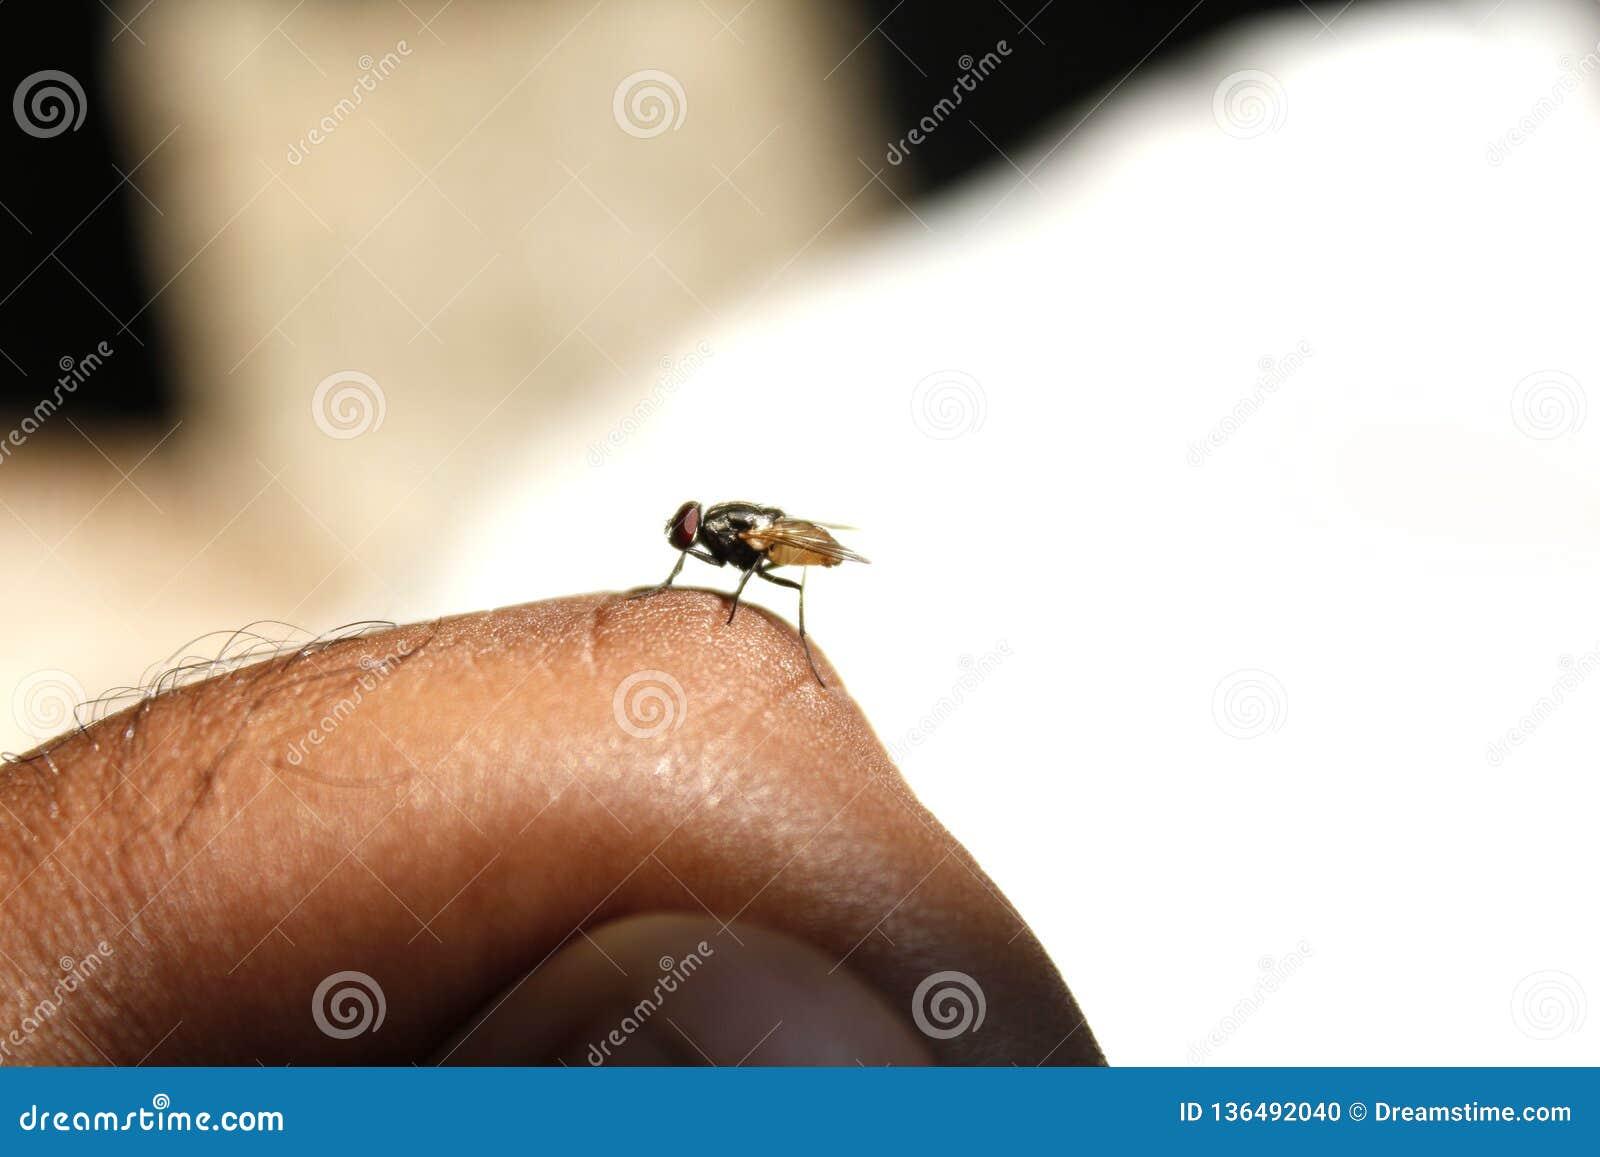 Macro colpo della mosca su fondo blured